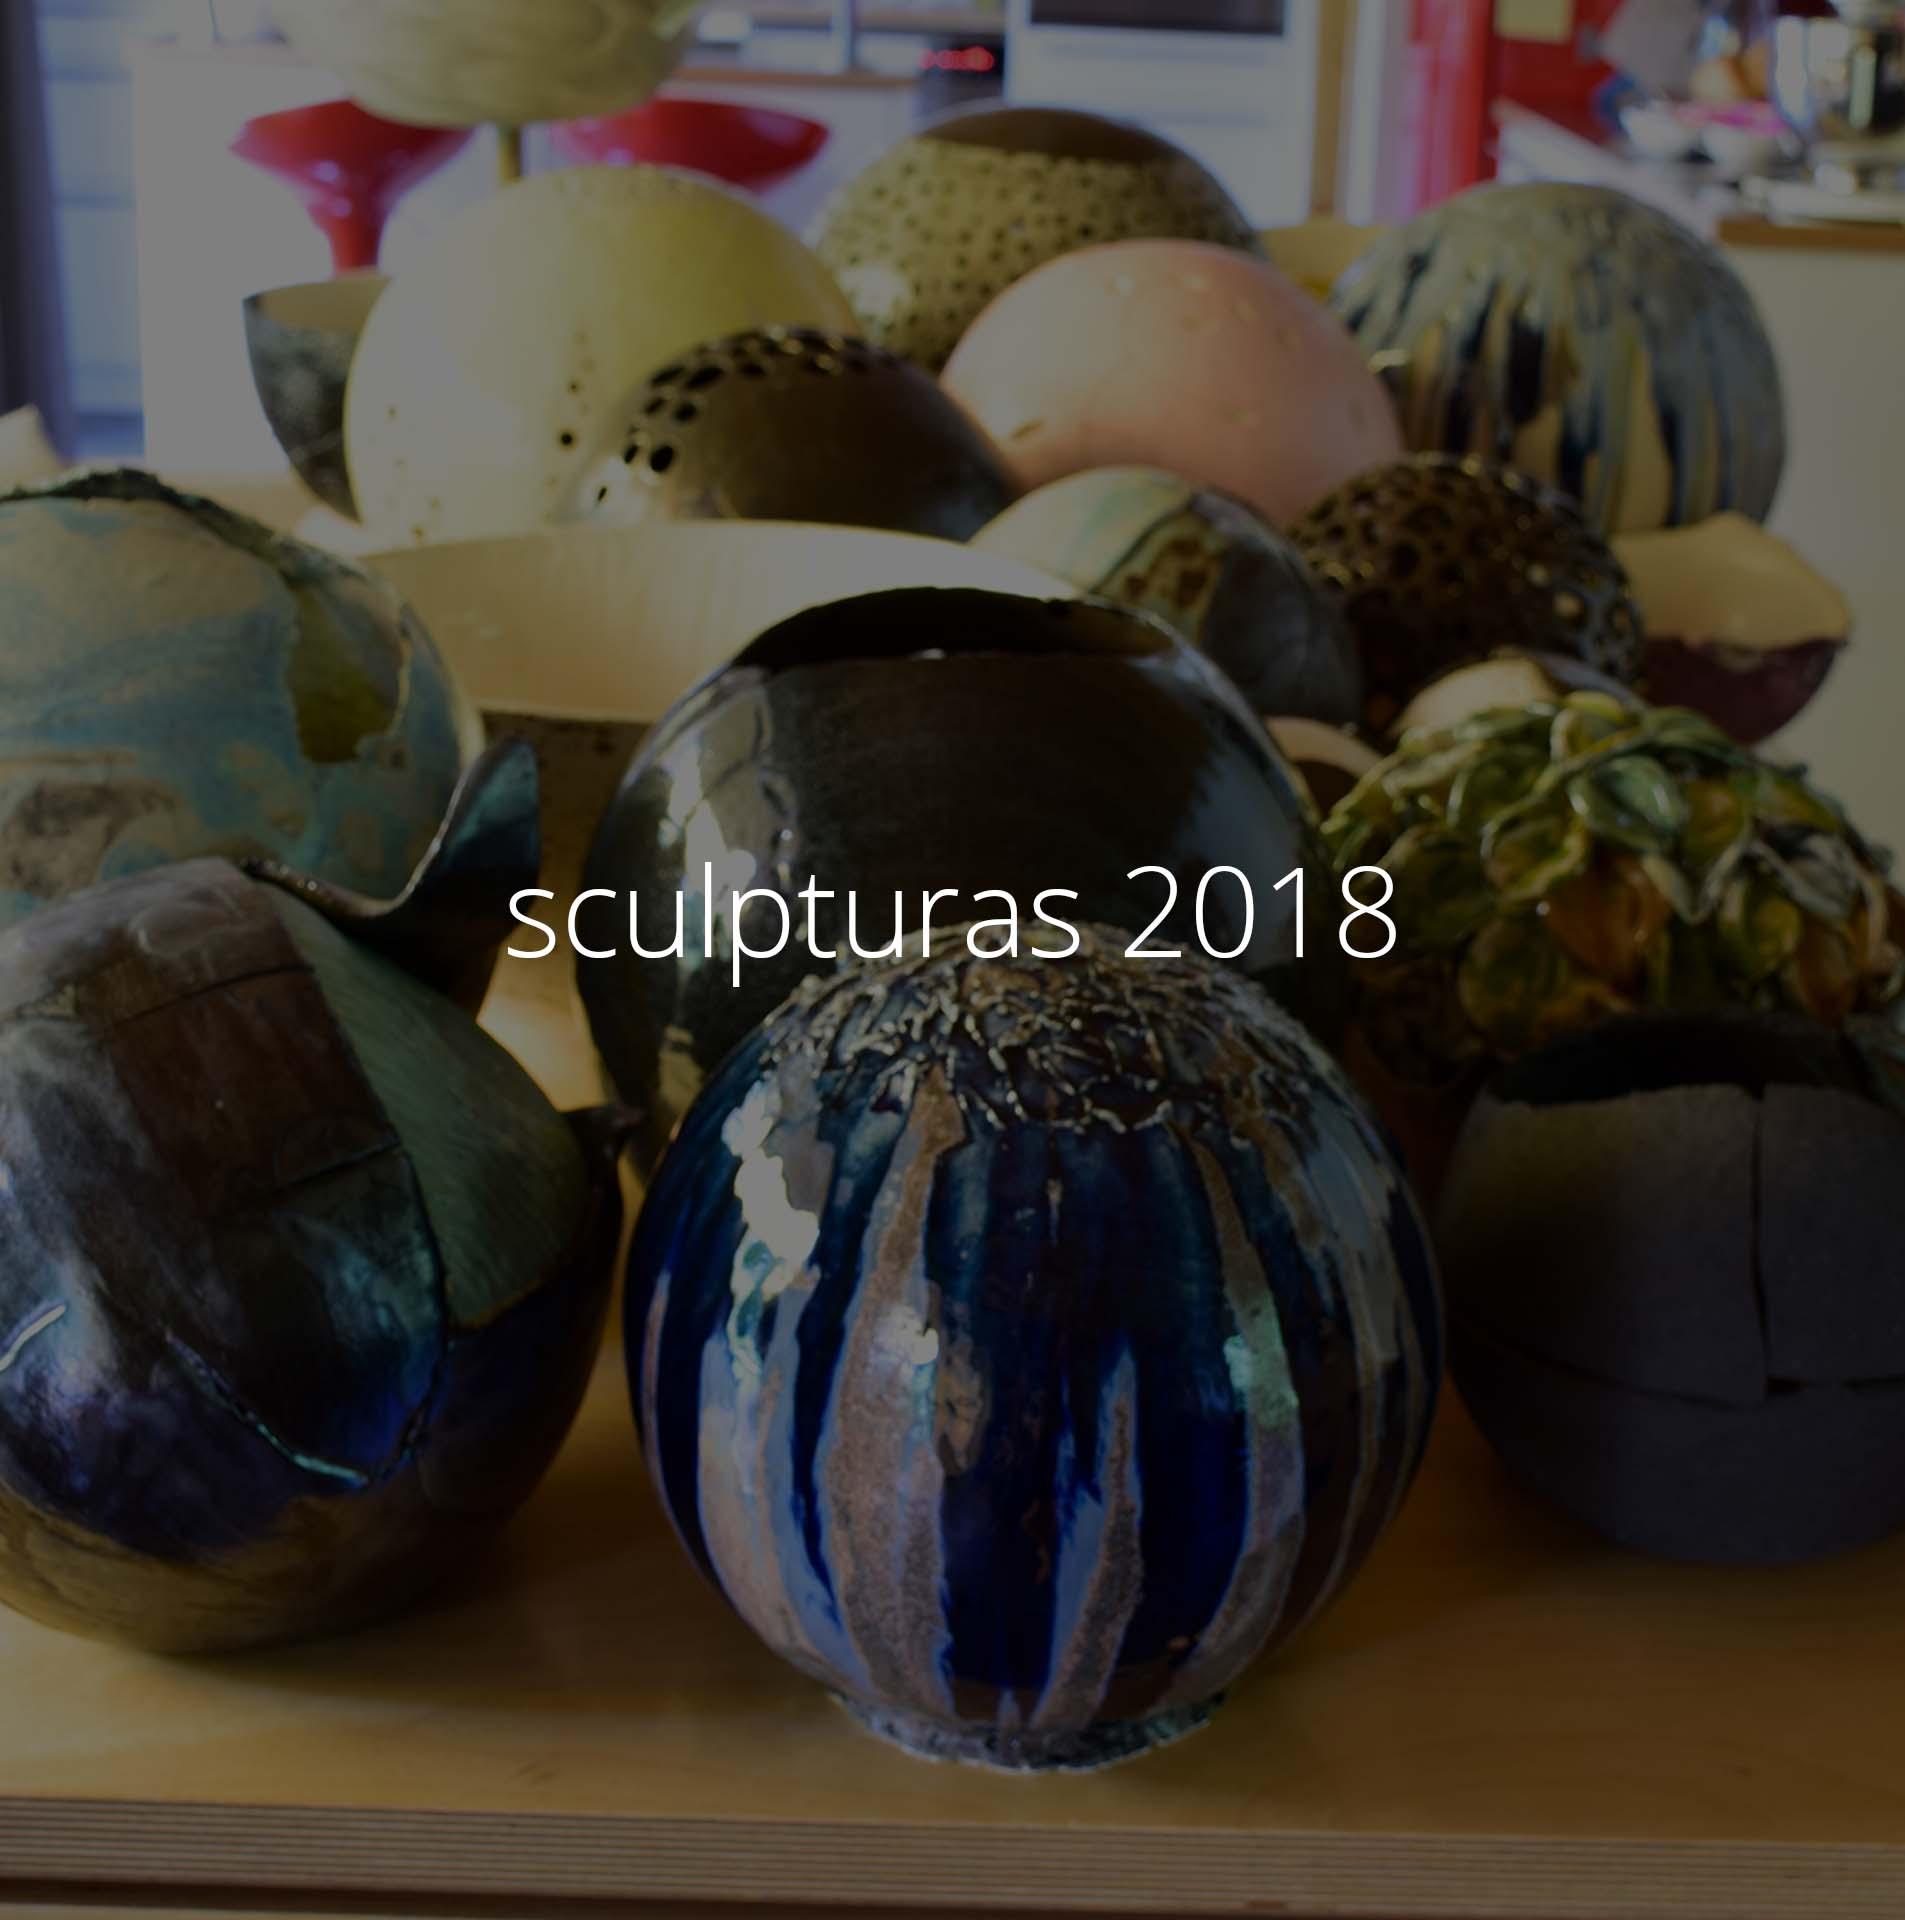 sculpturas 2018